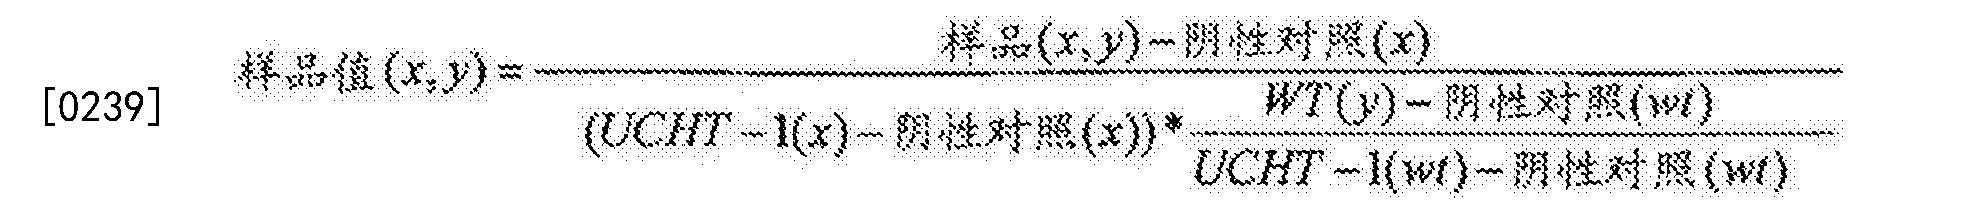 Figure CN103694350BD00391